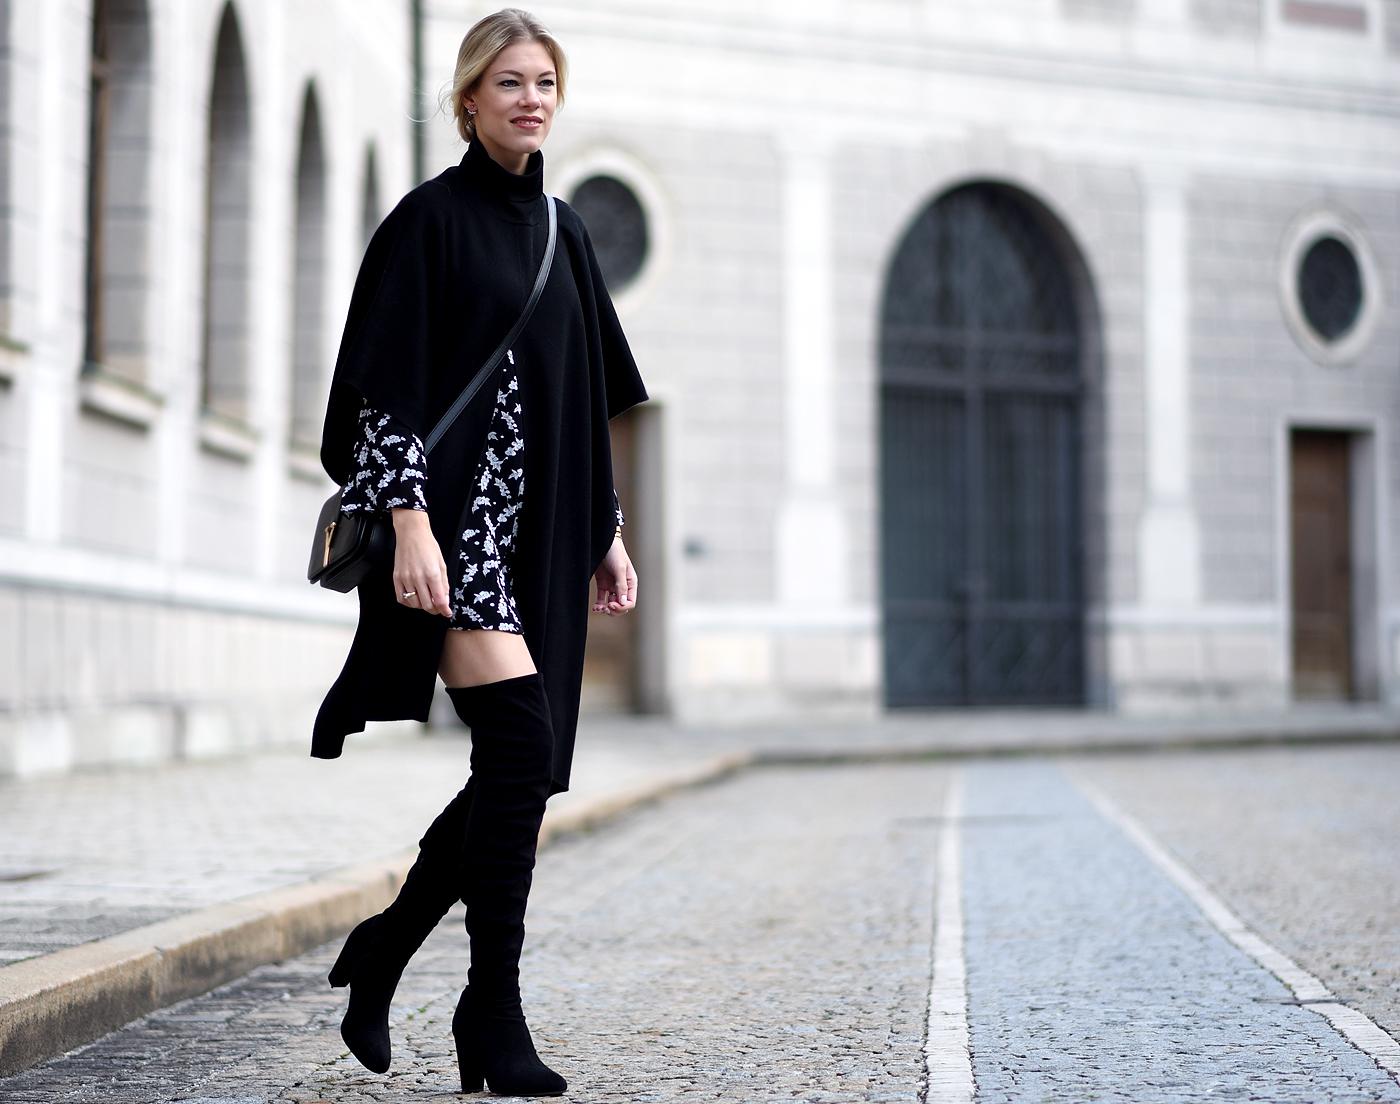 fashionblog_somehappyshoes_ganni_dress_asos_saint_laurent